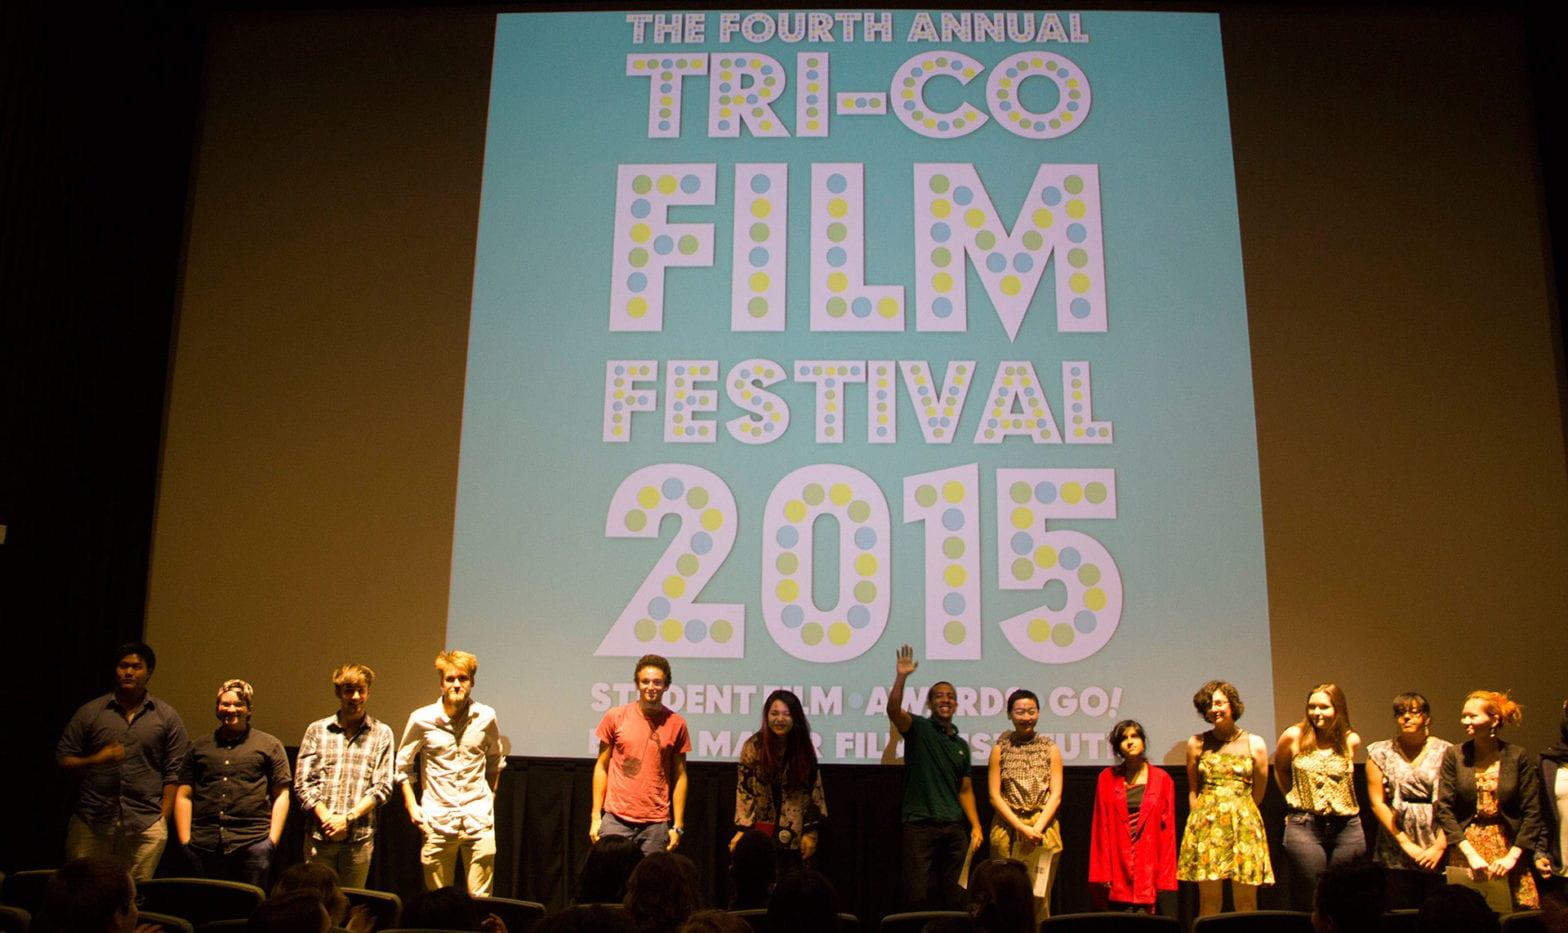 2015 Festival Filmmakers